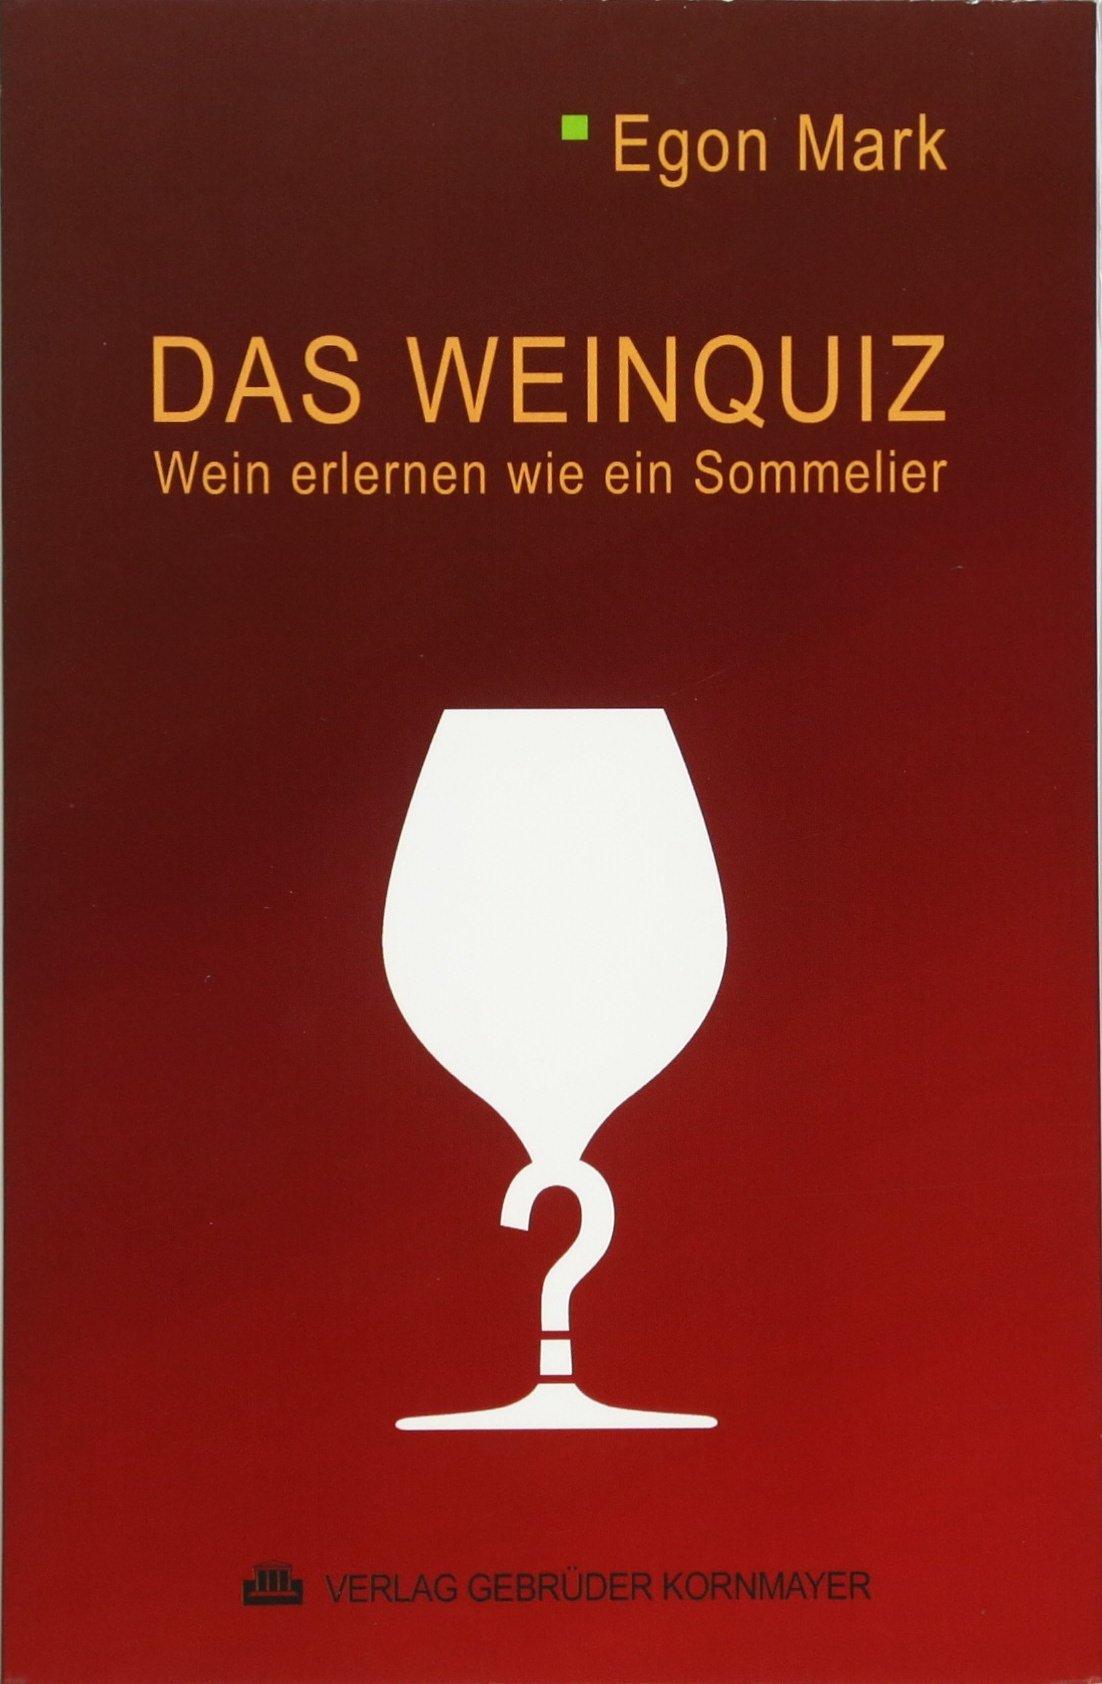 Das Weinquiz: Wein erlernen wie ein Sommelier